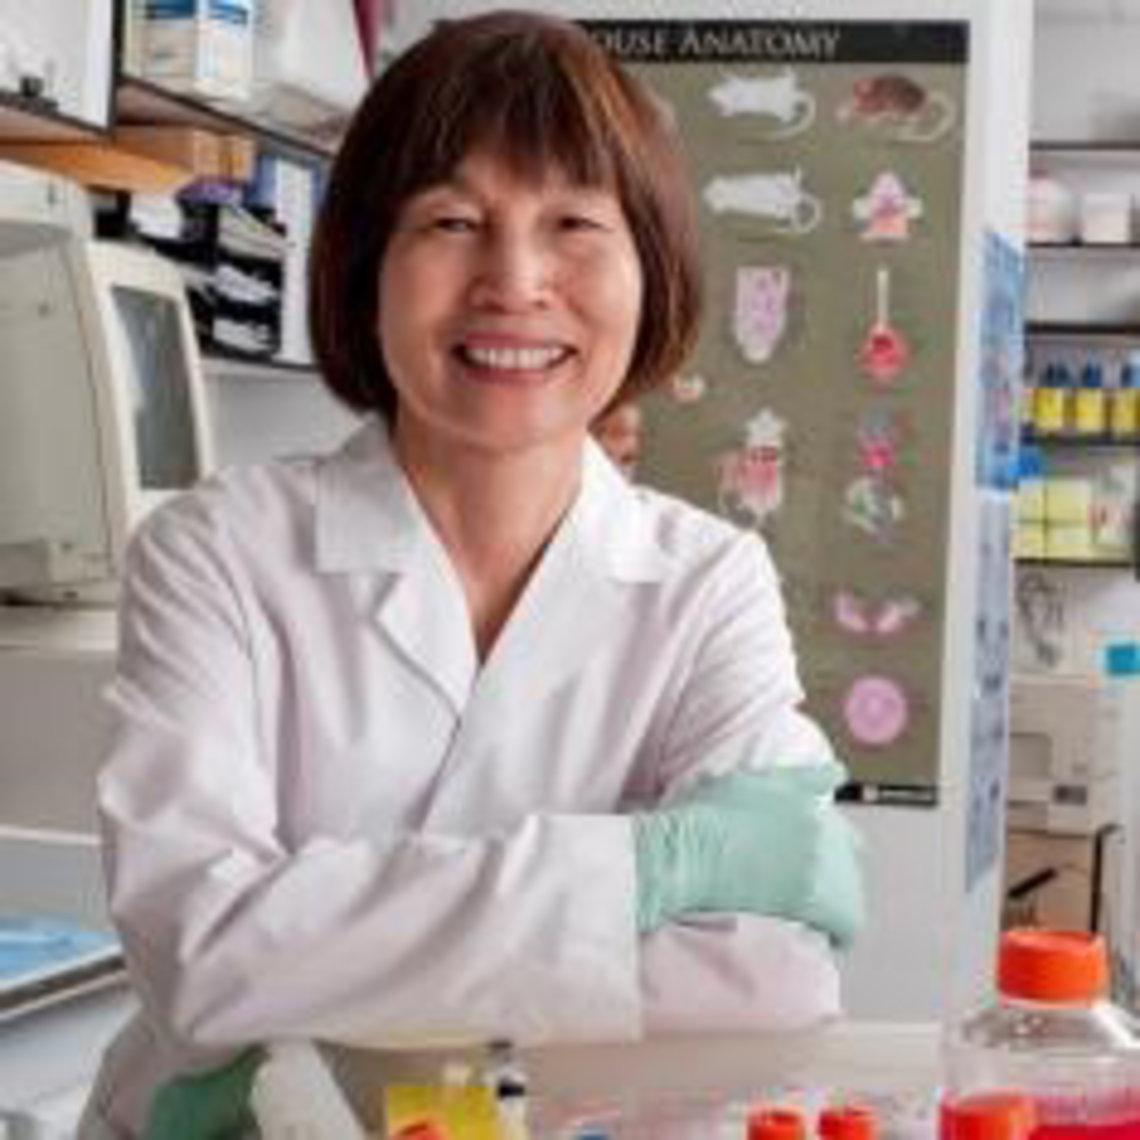 Dr. Sheue-yann Cheng